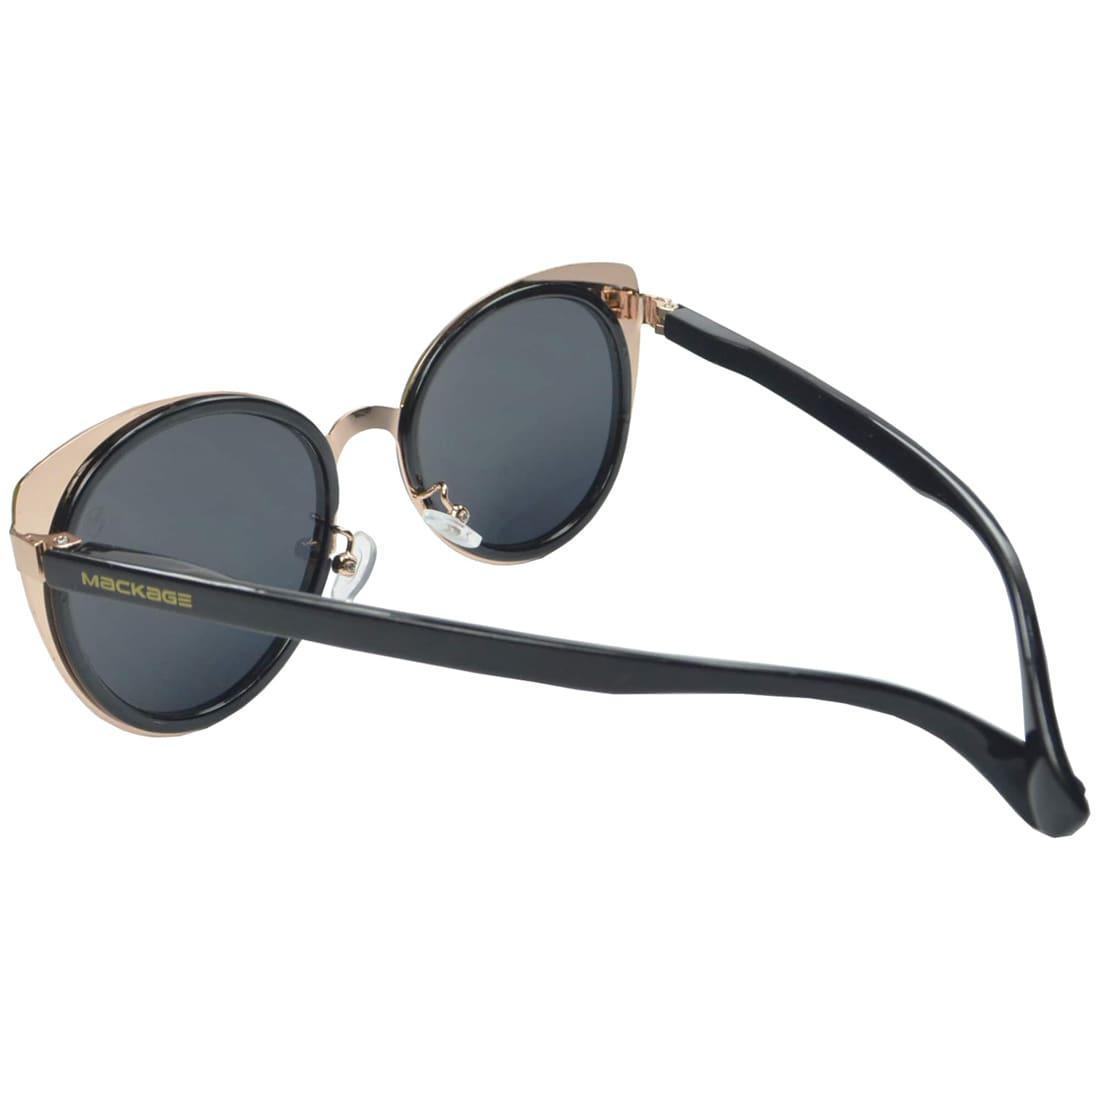 Óculos de Sol Mackage MK2174D Dourado